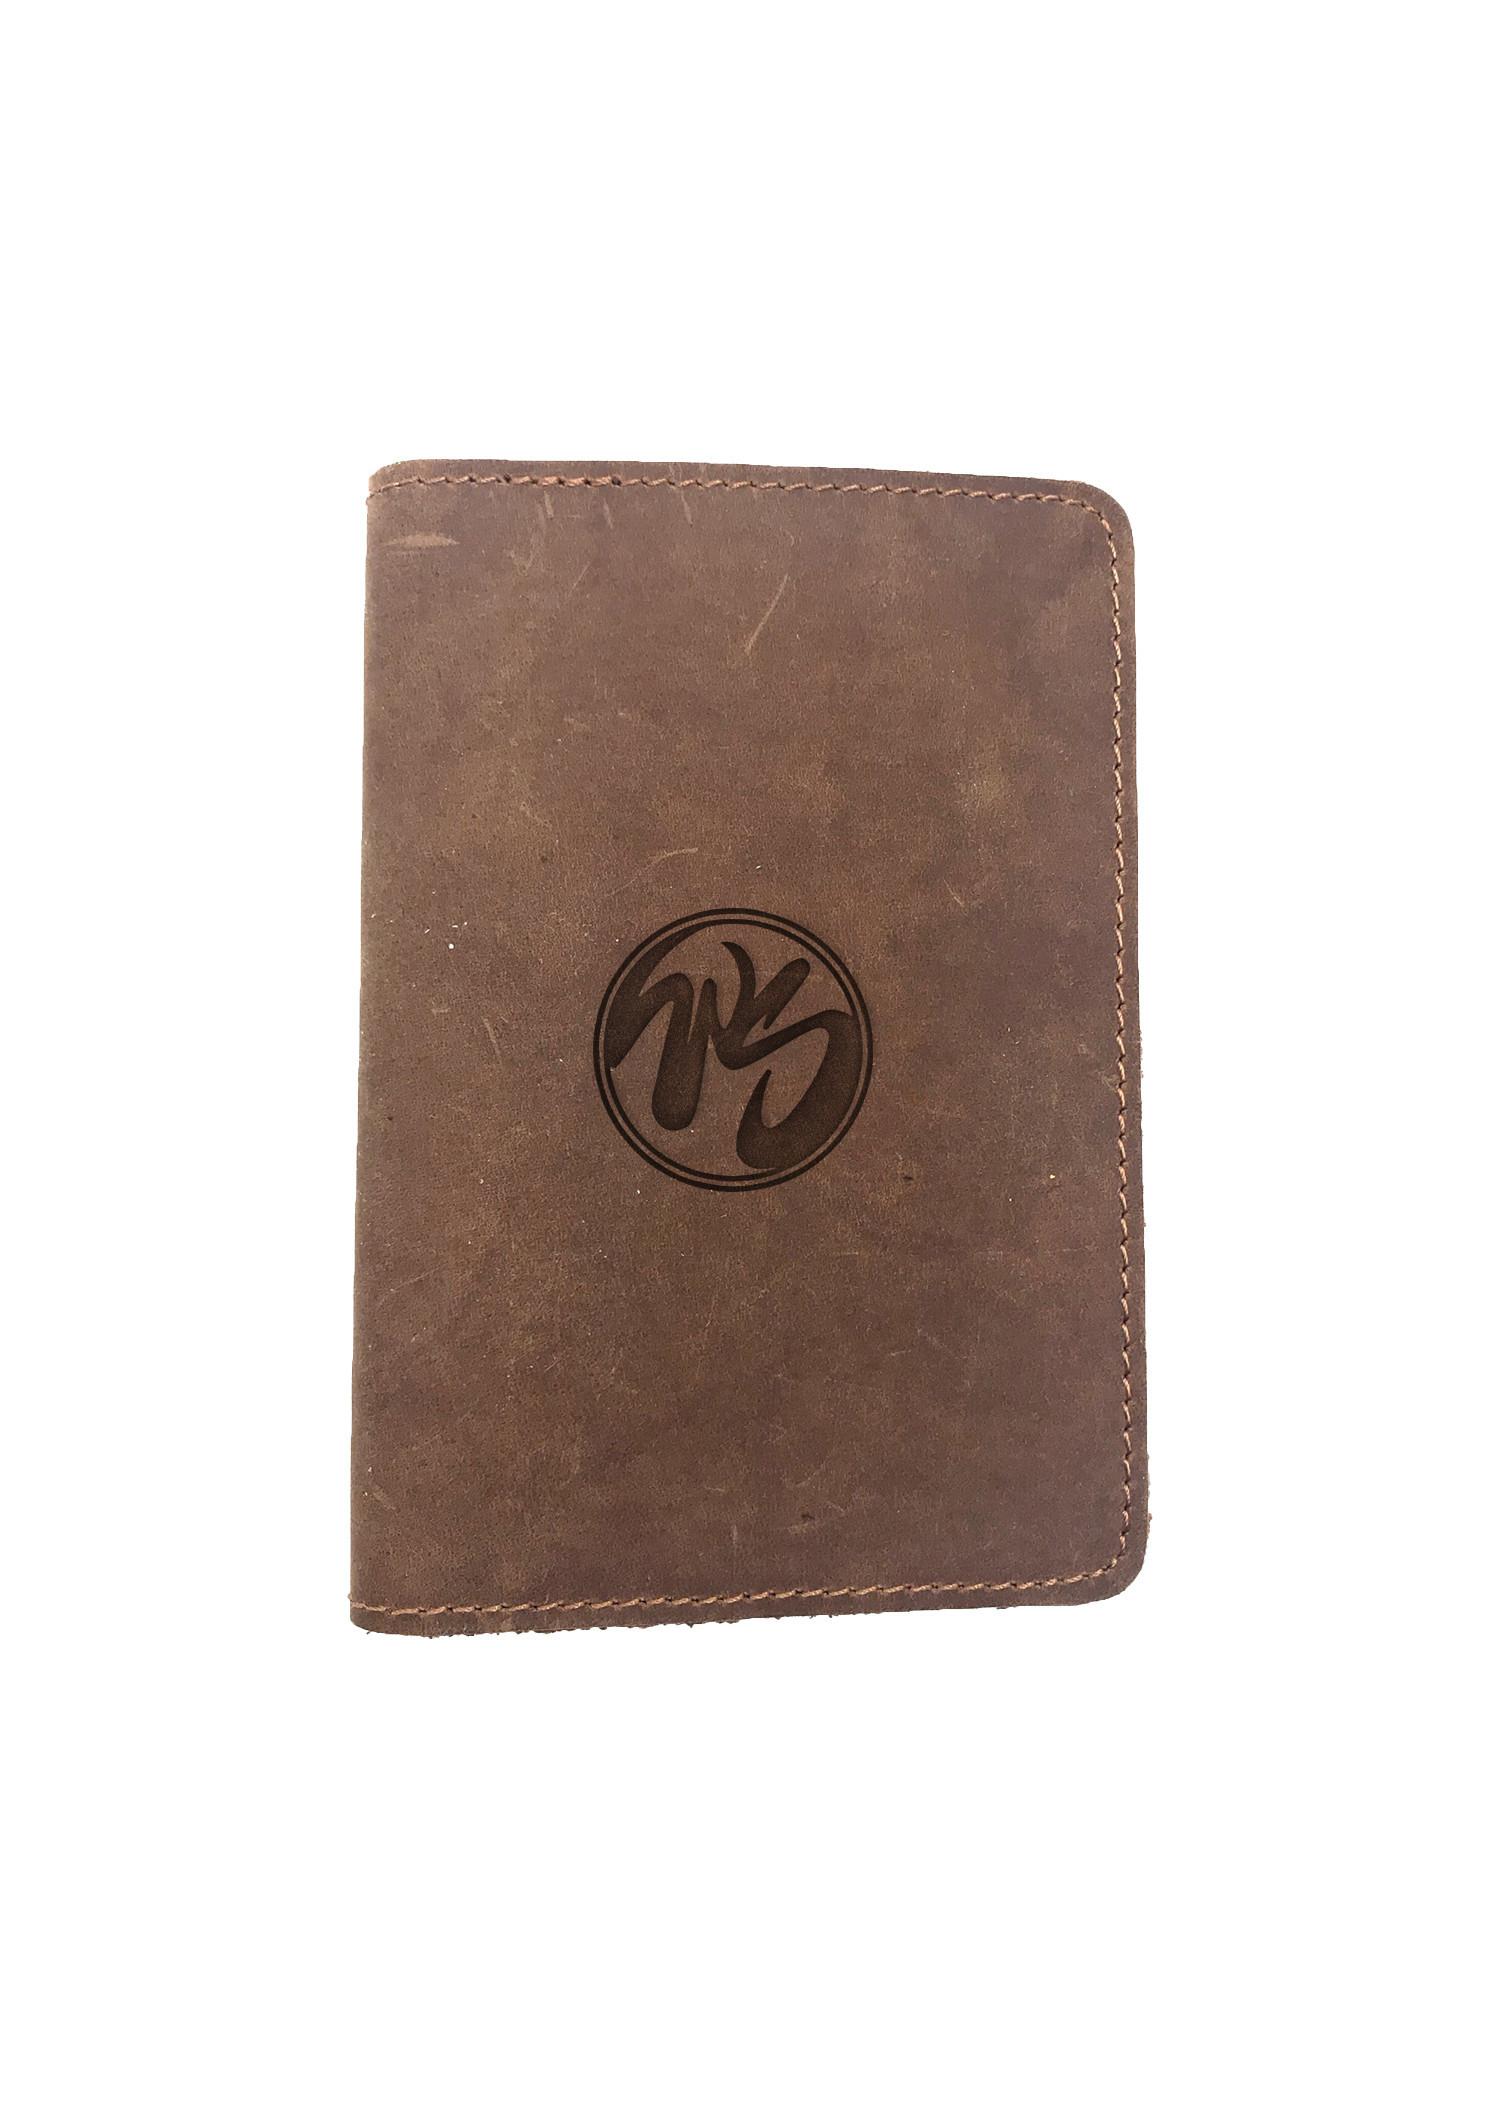 Passport Cover Bao Da Hộ Chiếu Da Sáp Khắc Hình Chữ WS (BROWN)